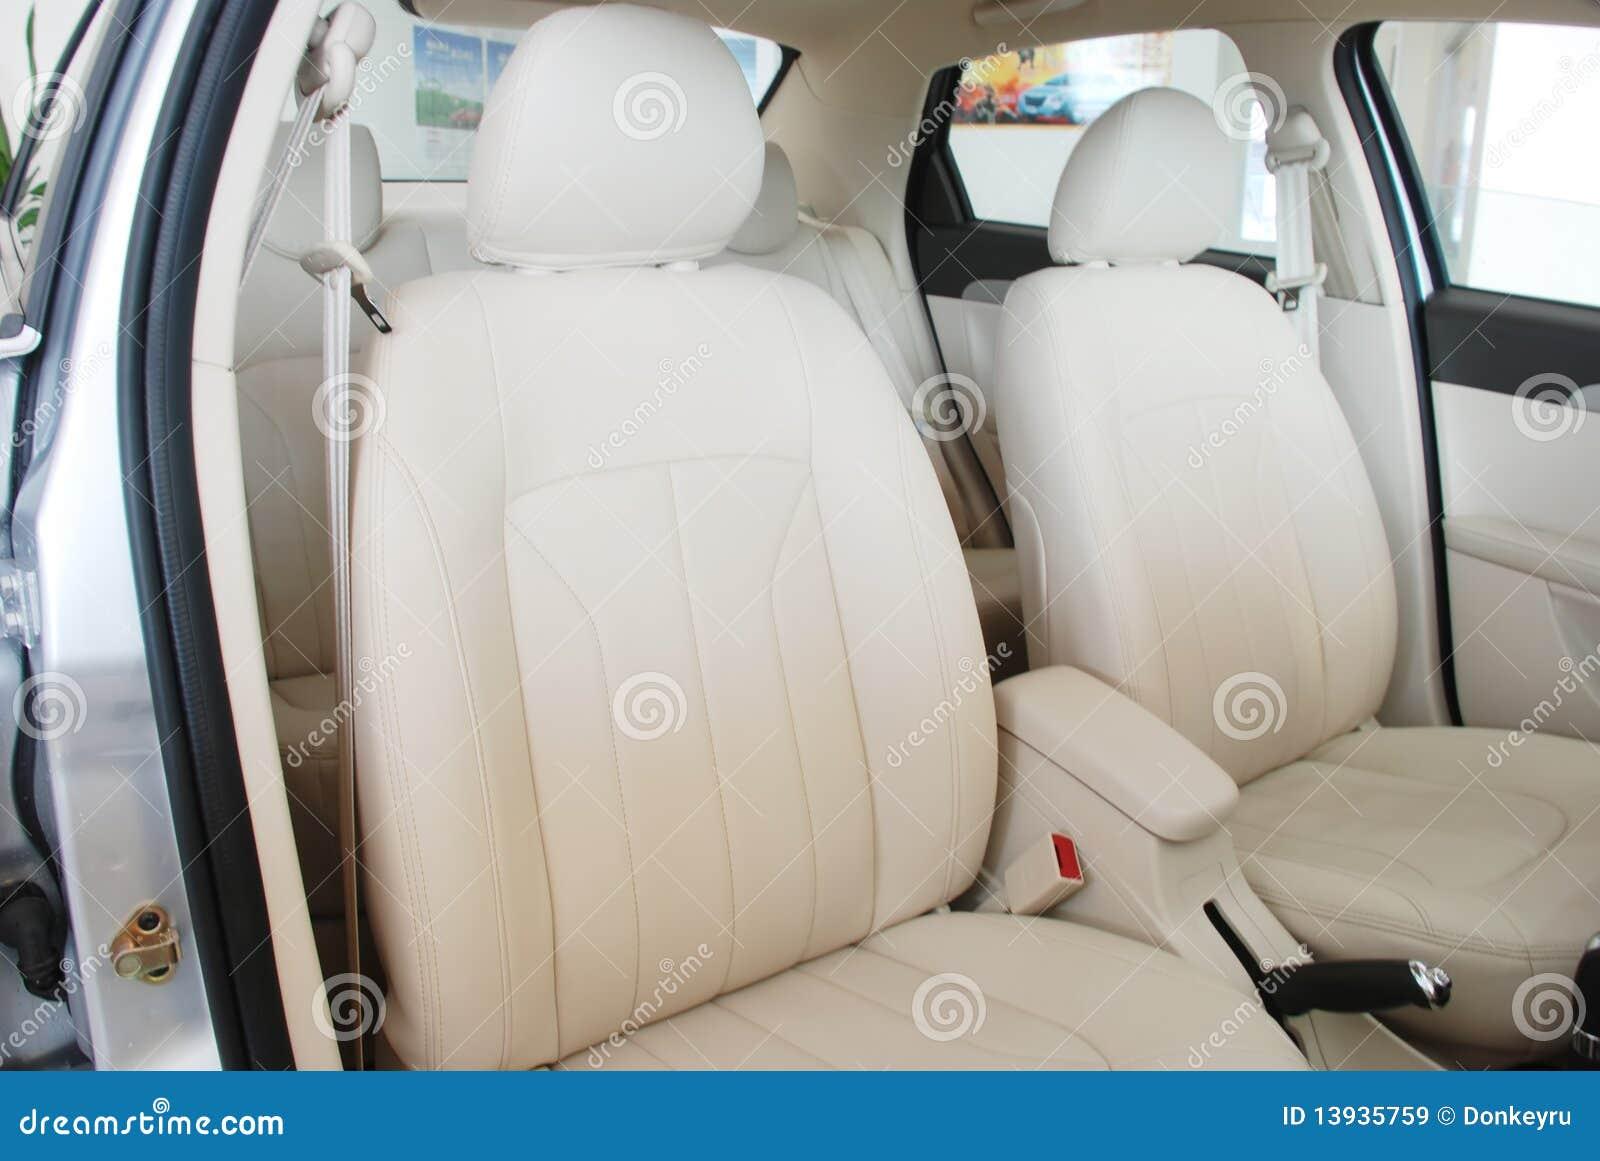 Asientos traseros del coche